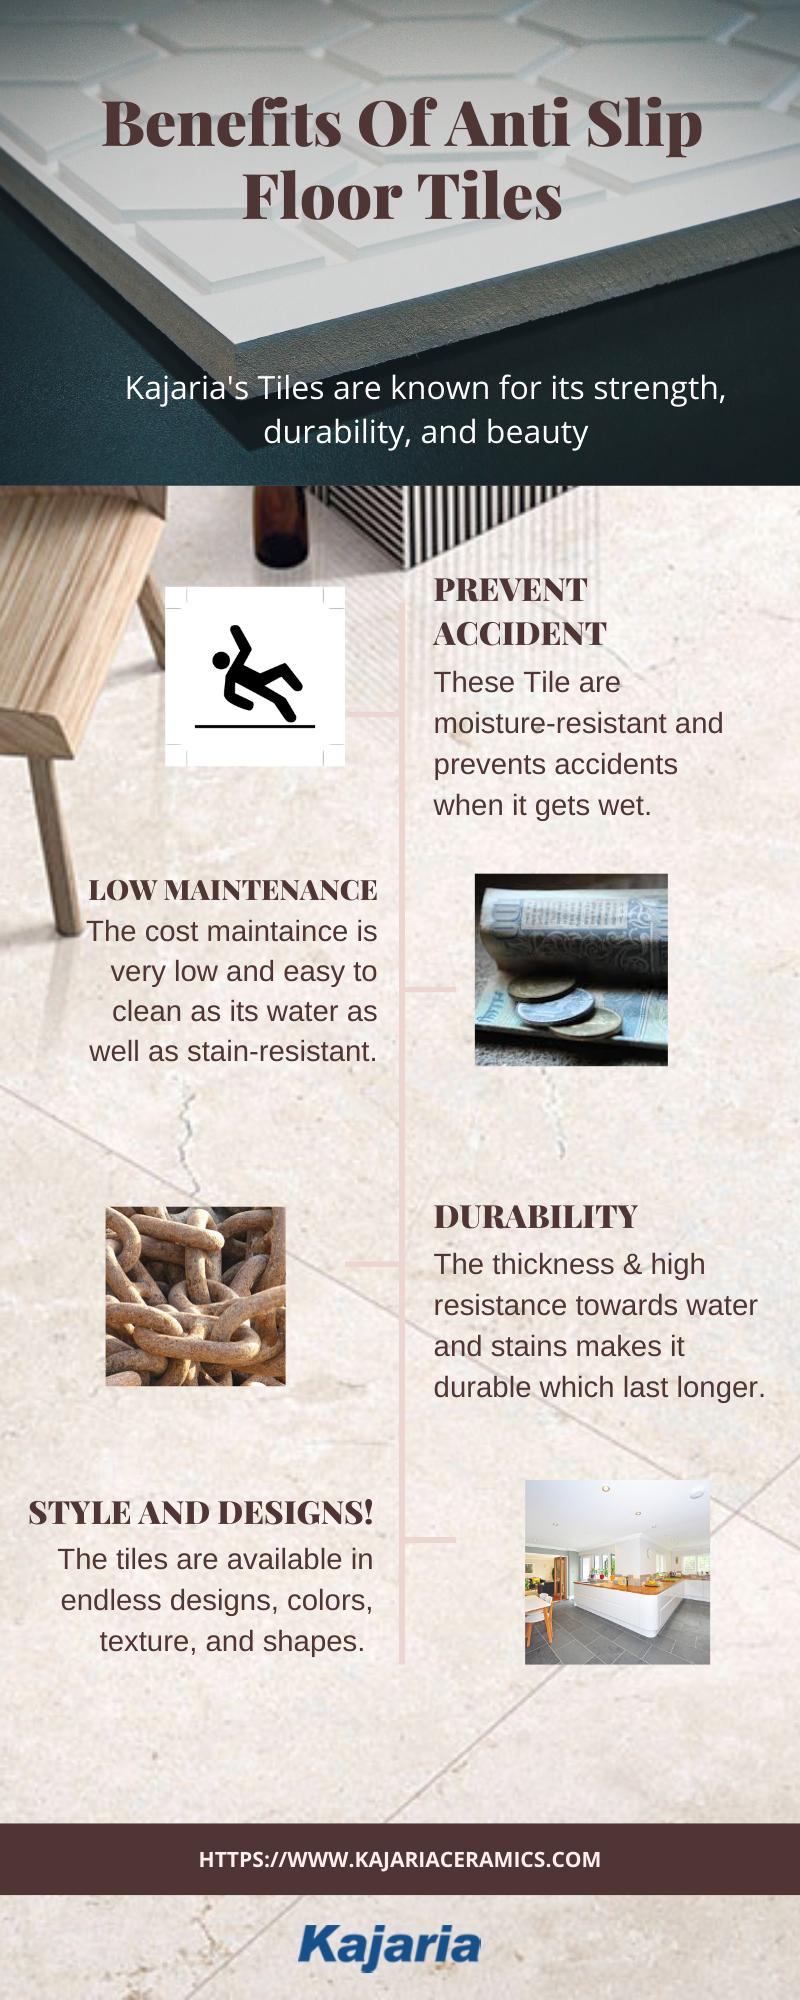 Get The Latest Anti Slip Floor Tiles Offered By Kajaria In 2020 Outdoor Tiles Tile Floor Flooring